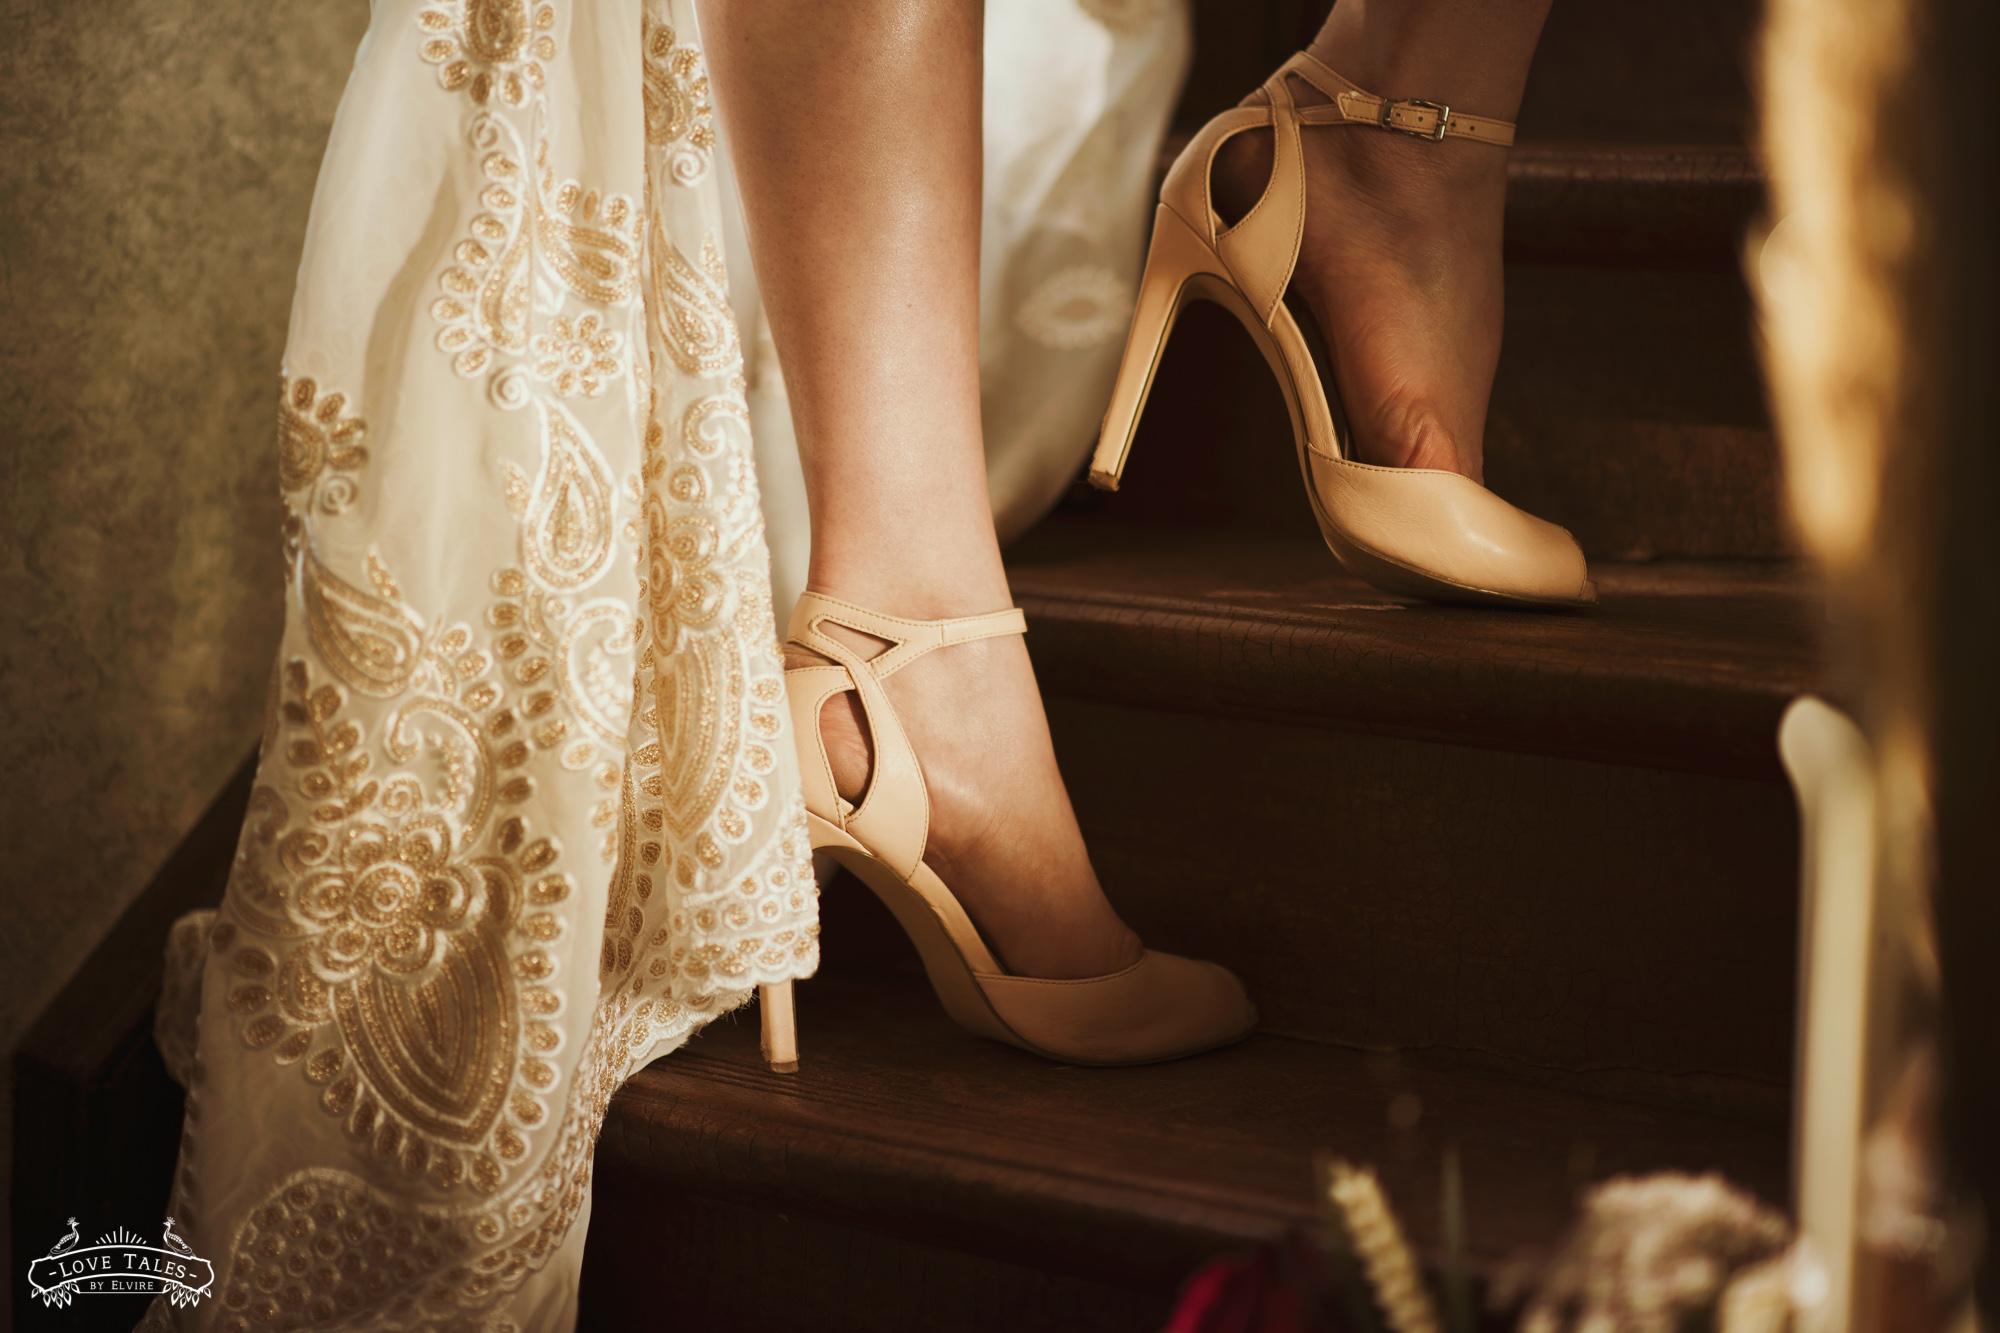 trouwfotograaf trouwreportage fairytale sprookje disney trouwschoenen